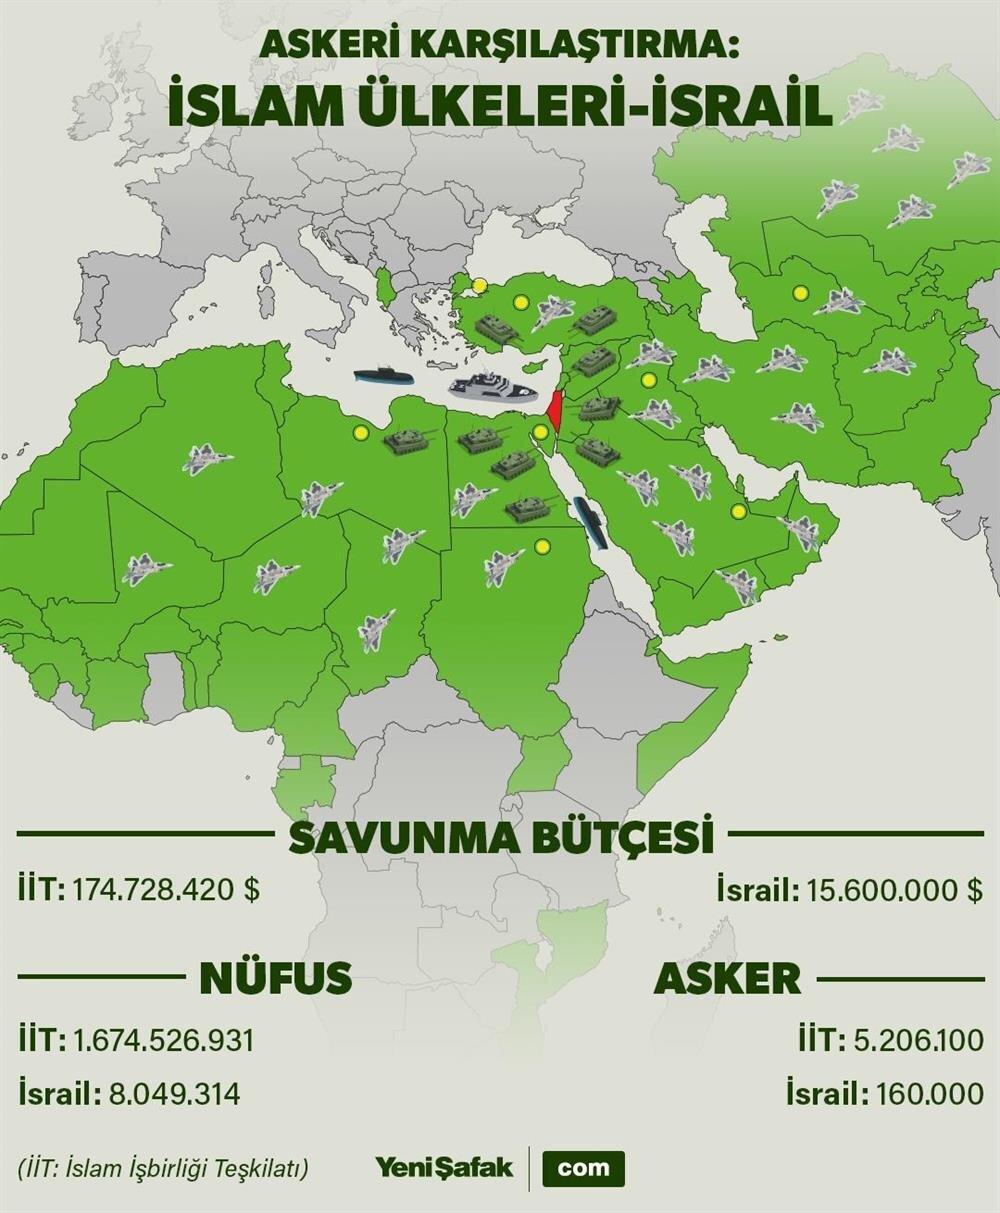 İNFOGRAFİK: İslam İşbirliği Teşkilatı üyesi ülkeler ile İsrail'in askeri gücünün karşılaştırması (İnfografik Emir Ece)